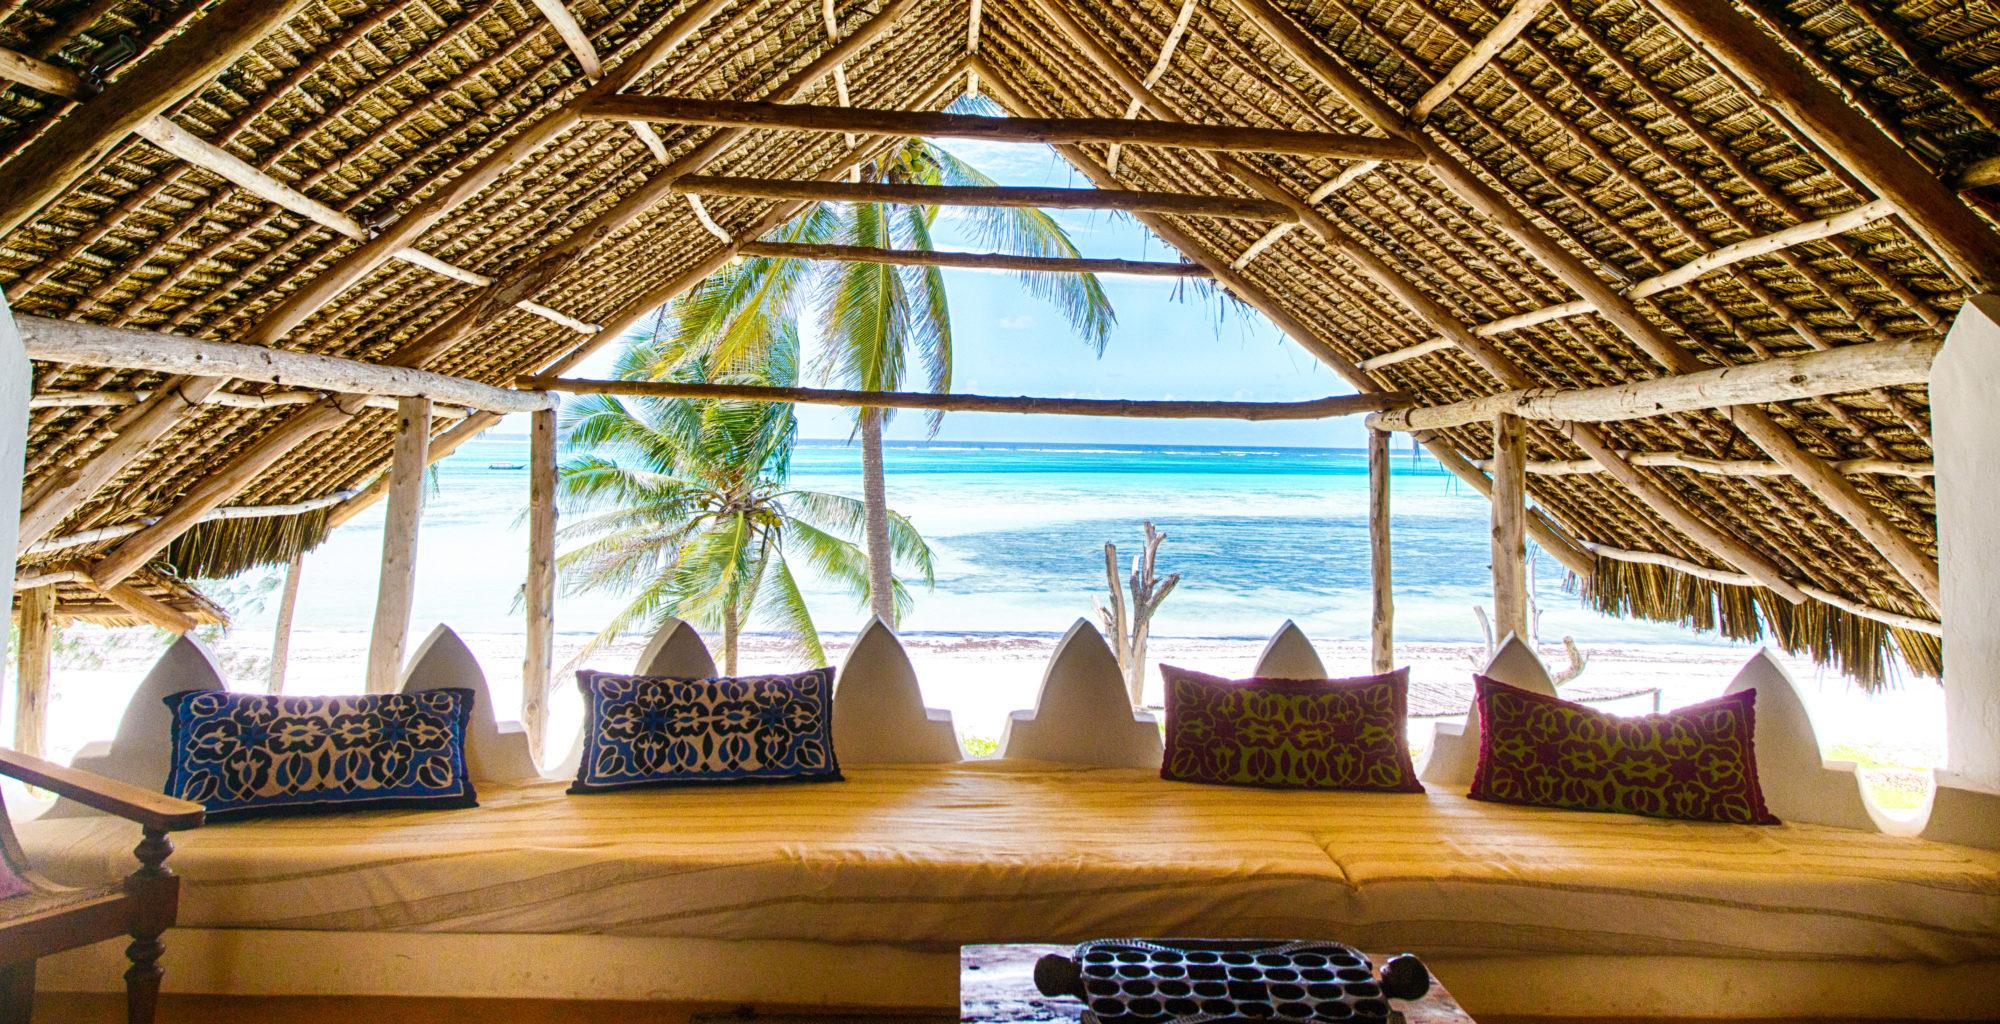 Tanzania-Upendo-Villas-Beach-House